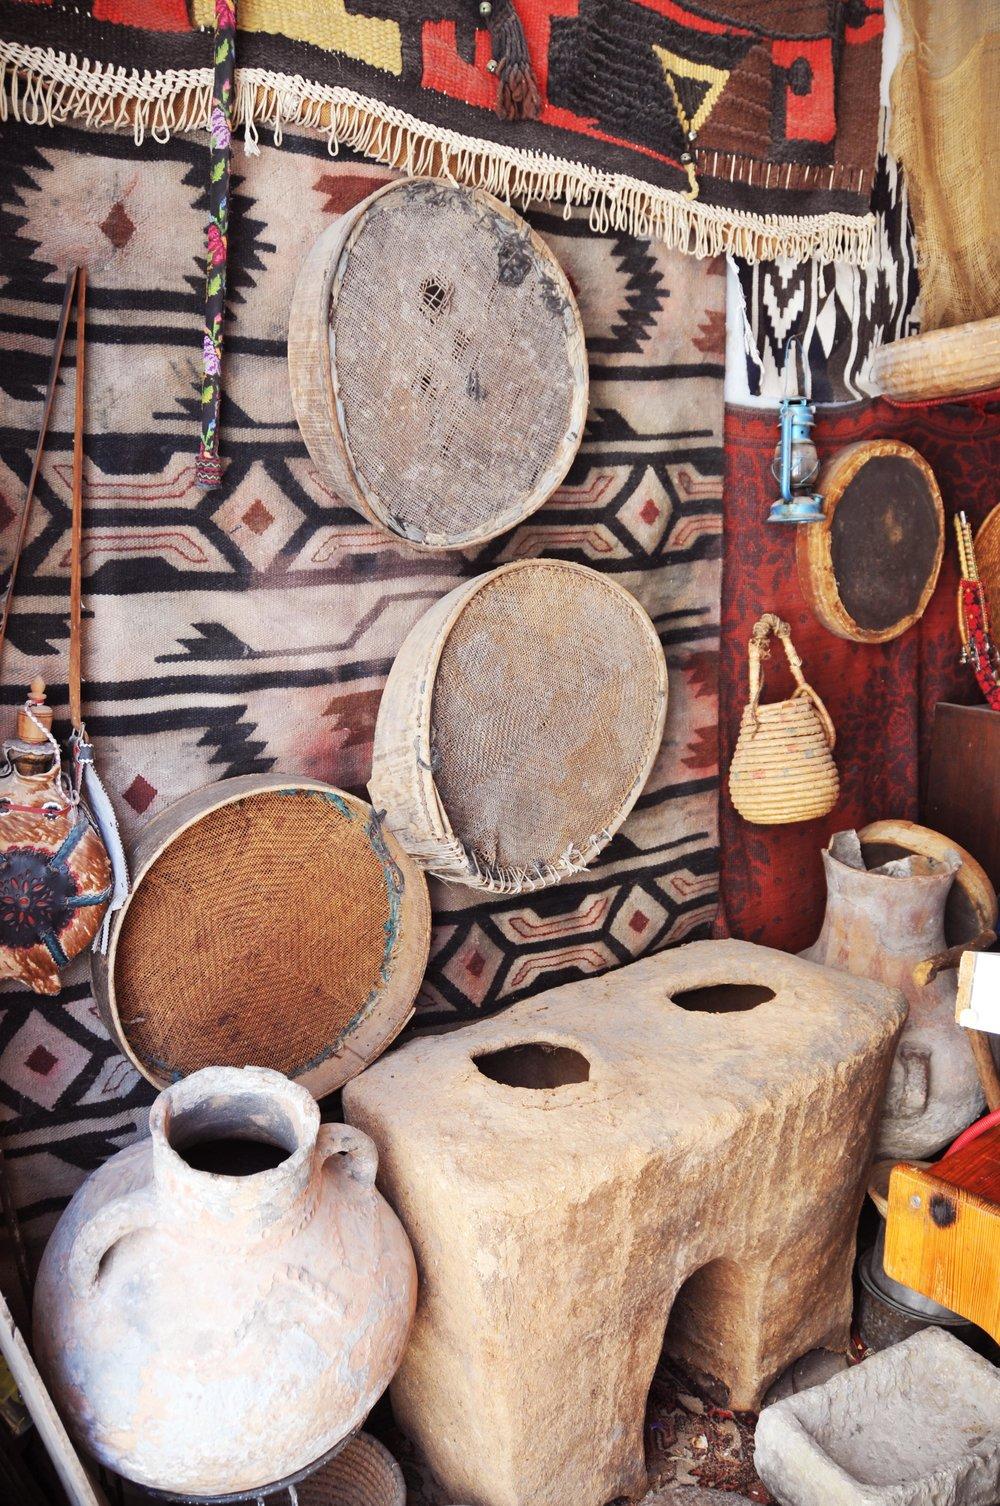 JORDBRUKET: Før de ble flyktninger drev mange av familiene i Aida med jordbruk. Her er krukker til oppbevaring av olje og vann, robar, sil til å rense frø, hishe, og en jordkasse til å oppbevare mat. Disse er trolig fra tidlig 1900-tall.